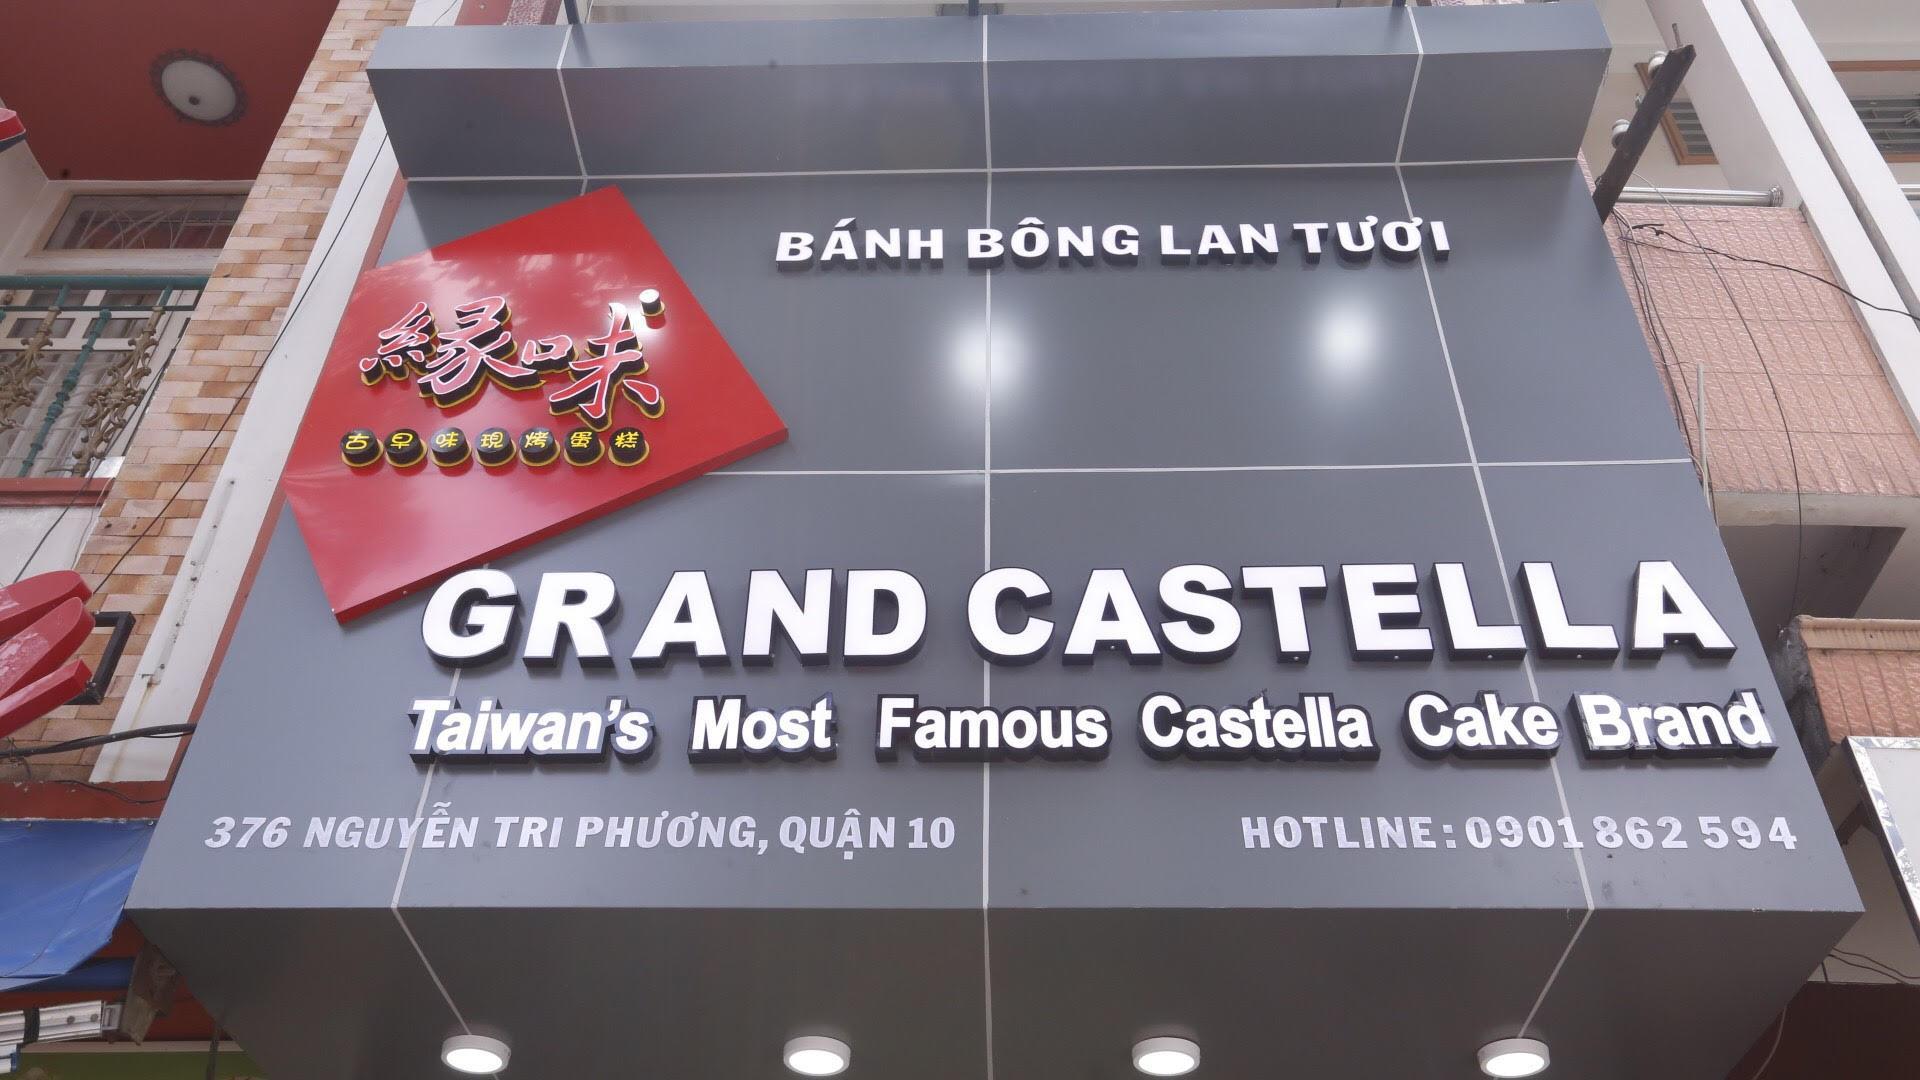 Grand Castella VN khai trương chi nhánh thứ sáu, ưu đãi ngập tràn - Ảnh 1.